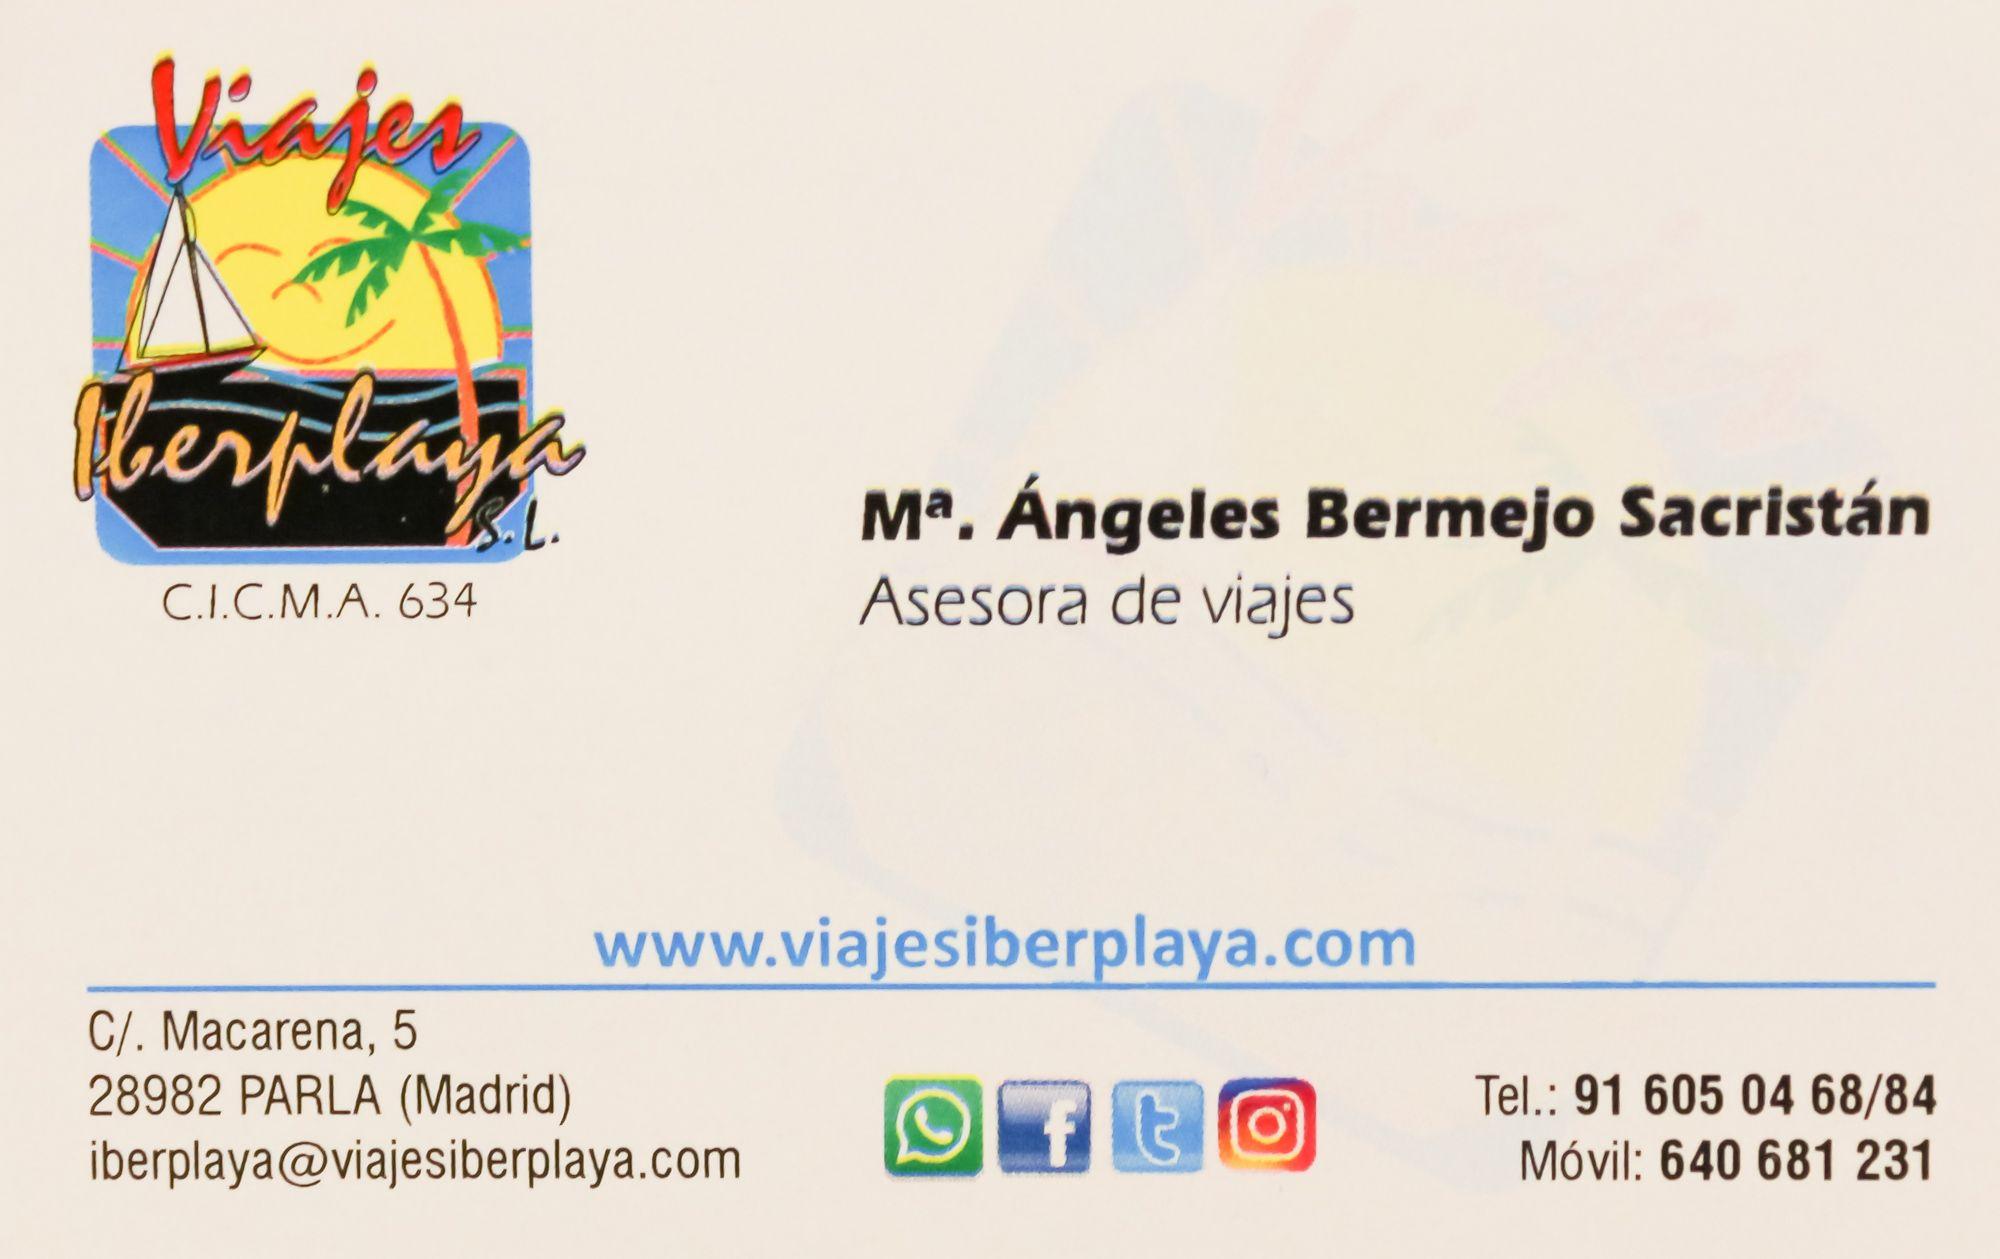 Foto 30 de Agencia de viajes en Parla | Viajes Iberplaya